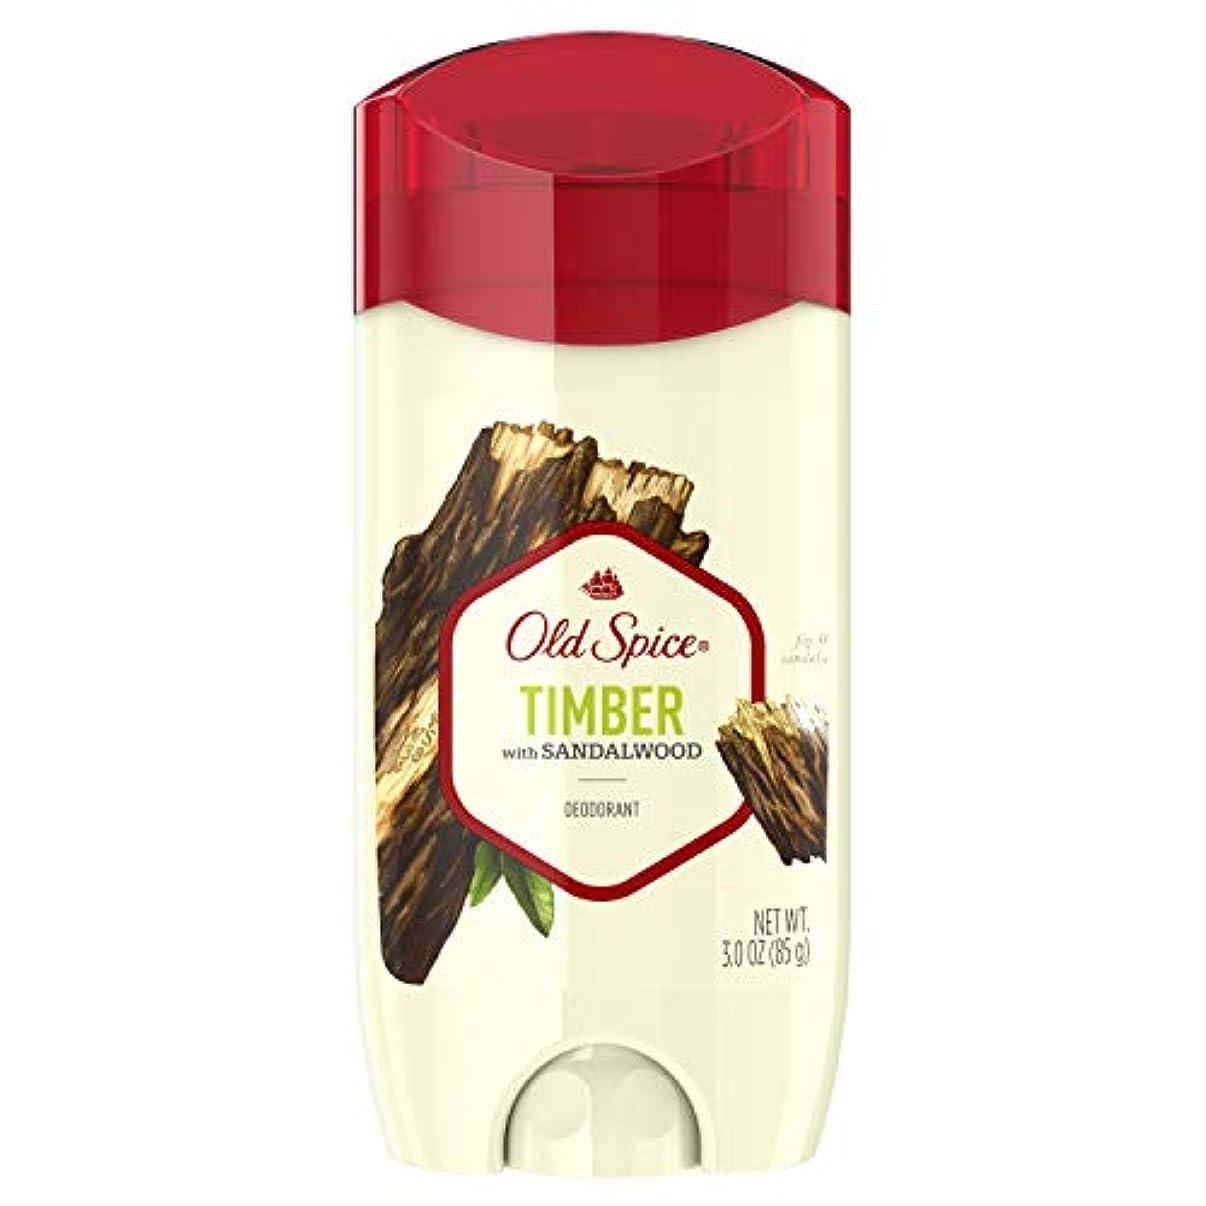 仕えるアッティカス計器Old Spice Fresher Collection Timber Deodorant - 3oz オールドスパイス フレッシャー コレクション ティンバー デオドラント 85g [並行輸入品]